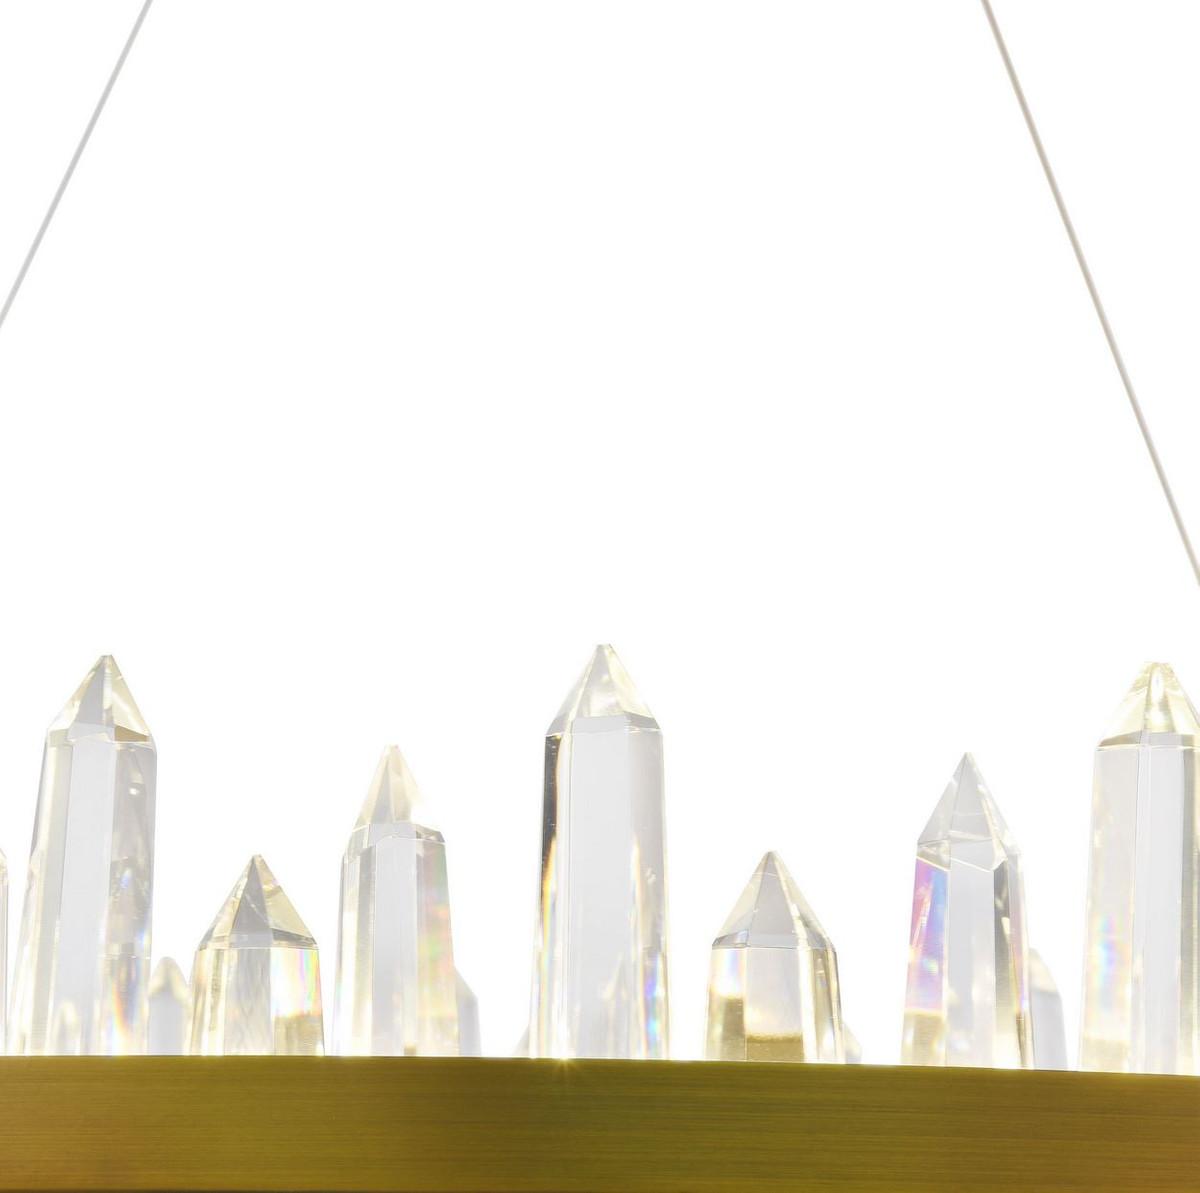 Casa Padrino LED Hängeleuchte mit messingfarbenem Metallrahmen und Kristallglaszacken Ø 85 x H. 10,4 cm - Wohnzimmermöbel 5